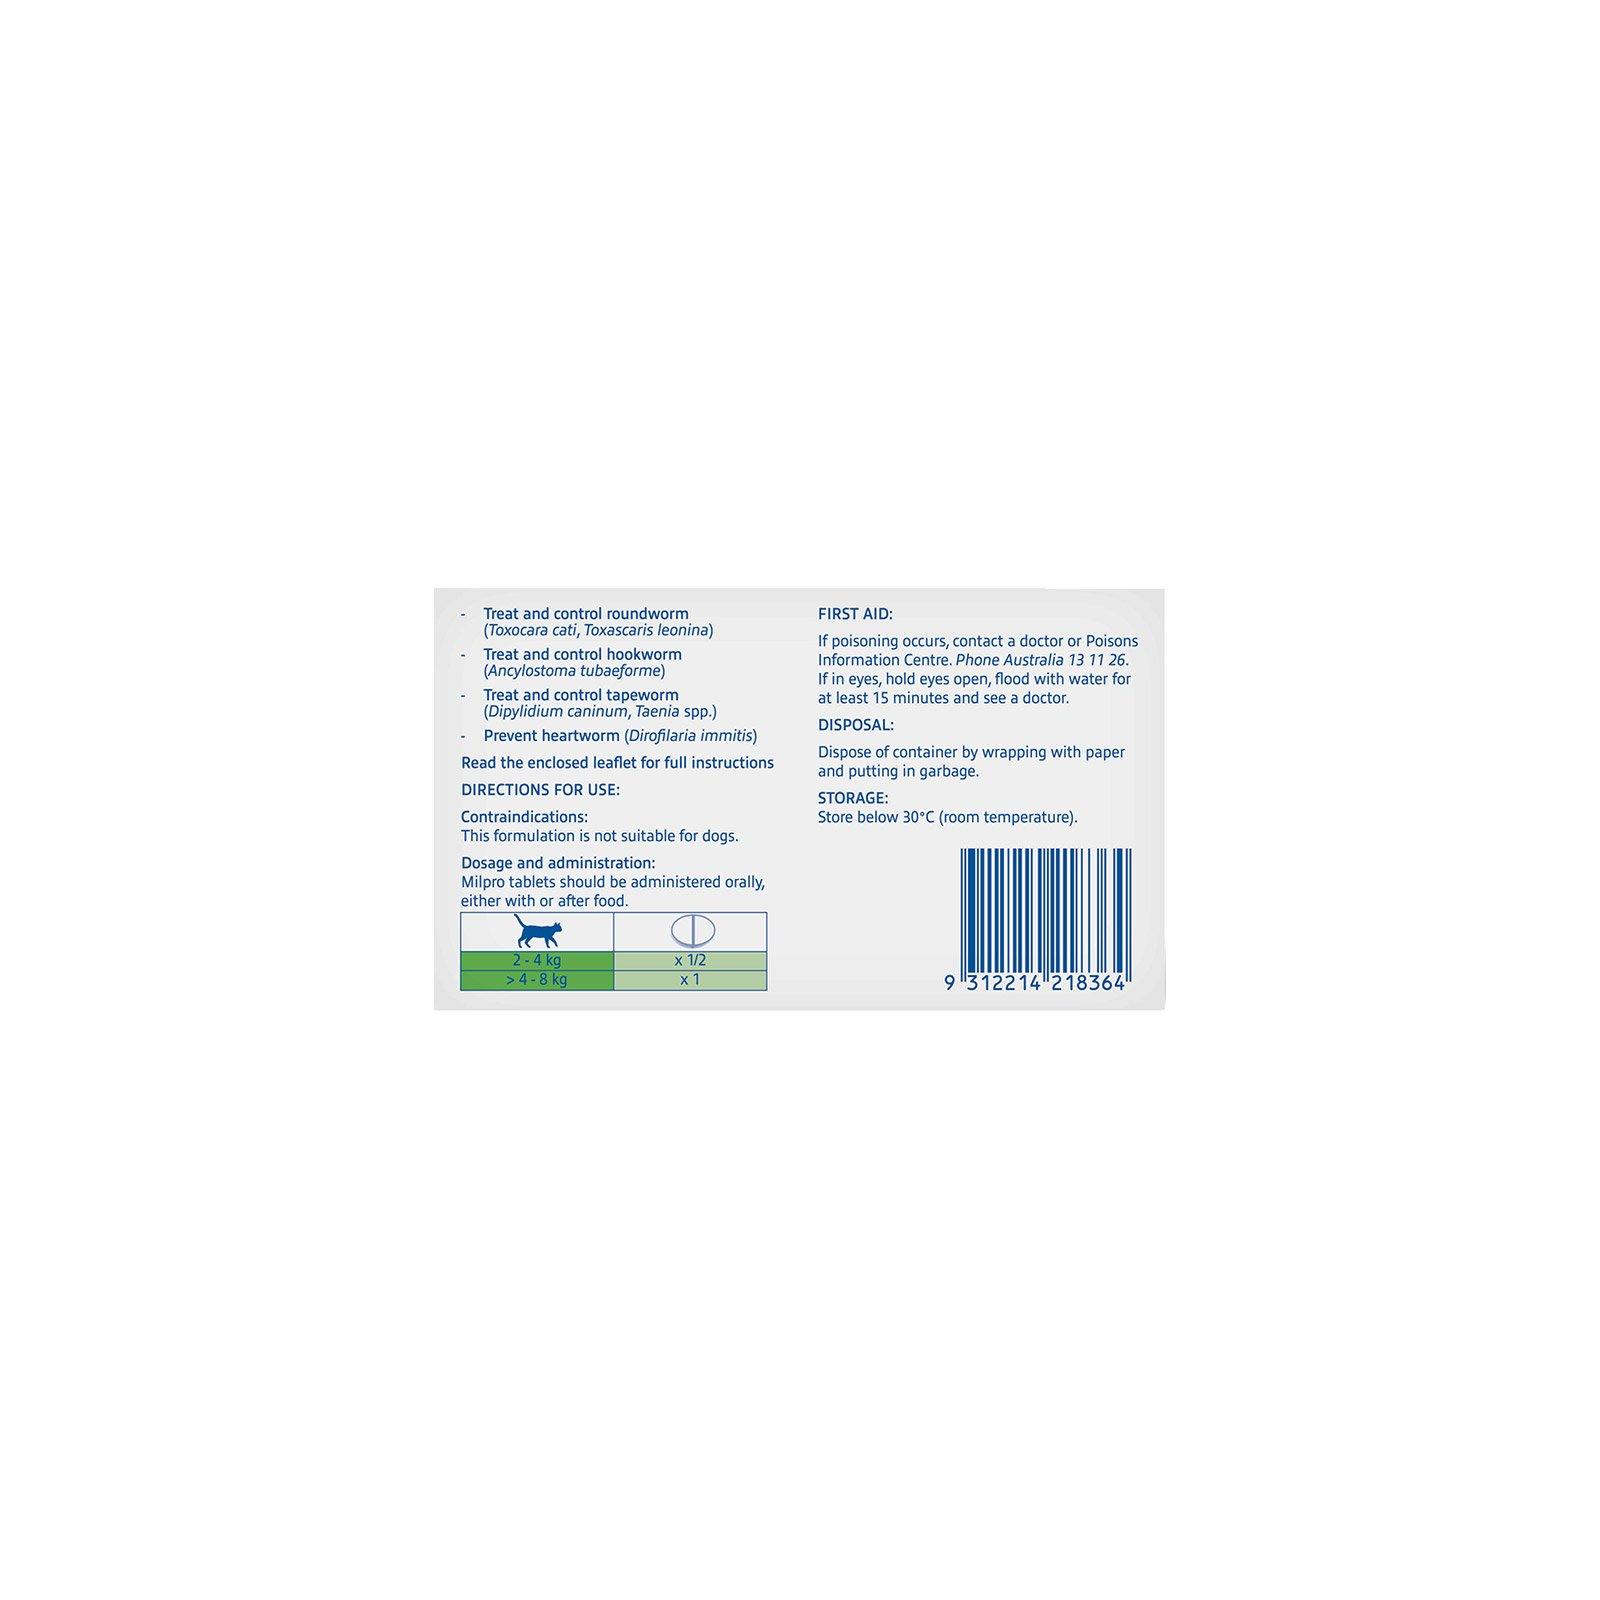 636982181452400521Milpro-Broad-Spectrum-Wormer-For-Cats-Over-2kg-2-Tablets-back.jpg